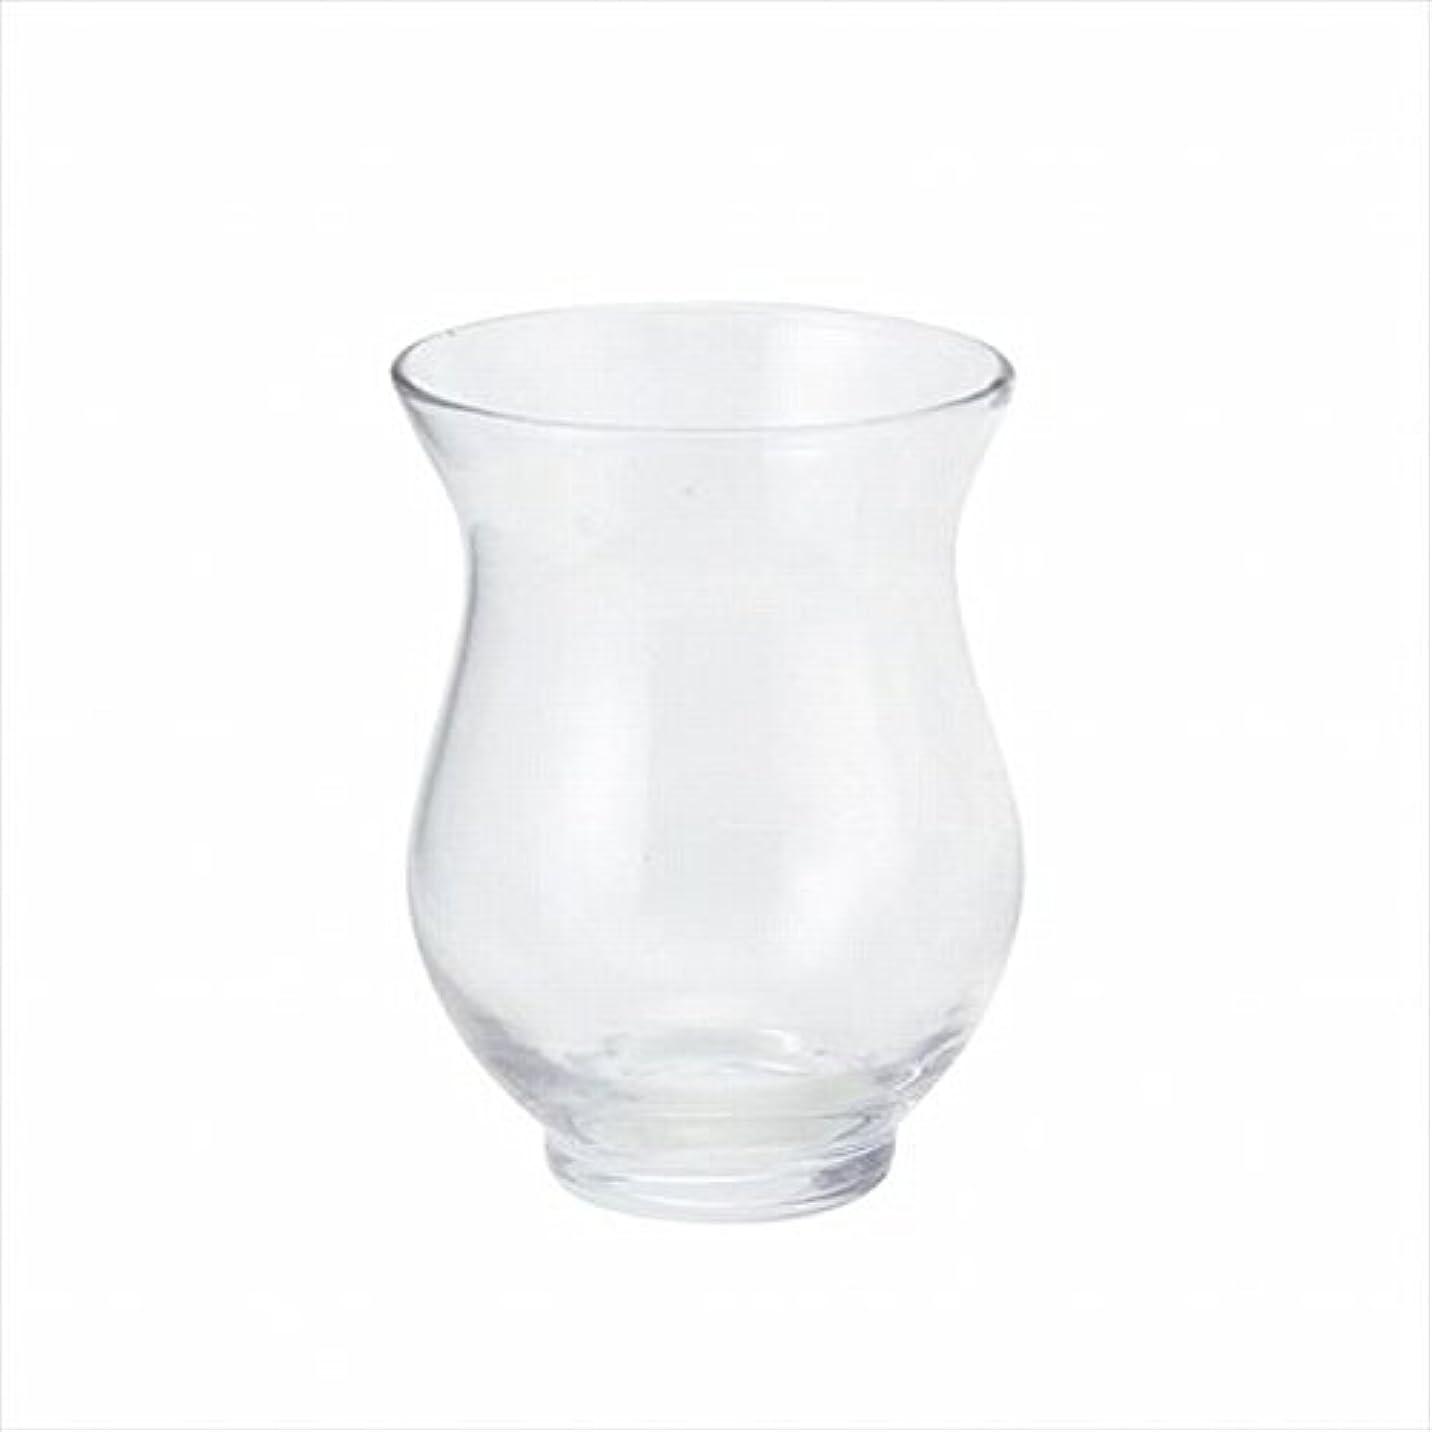 リム空いている歯科のkameyama candle(カメヤマキャンドル) ウィンドライトエレガンスS キャンドル 75x75x100mm (D3825023)